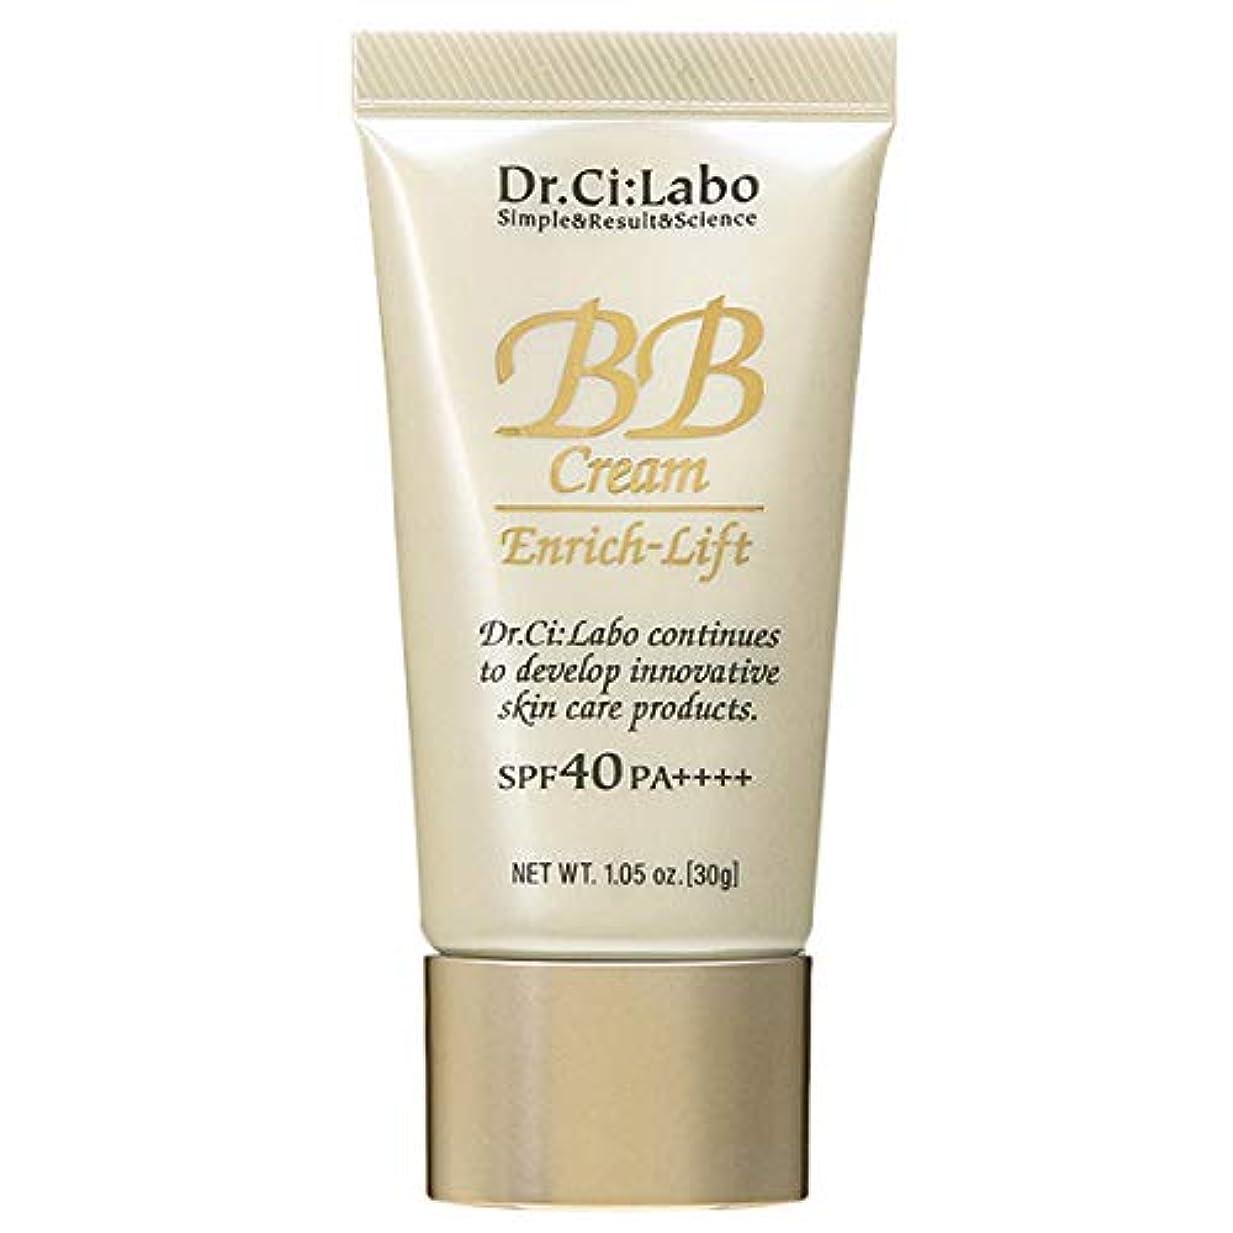 気性精査議題ドクターシーラボ Dr.Ci:Labo BBクリーム エンリッチリフトLN18 SPF40 PA++++ 30g